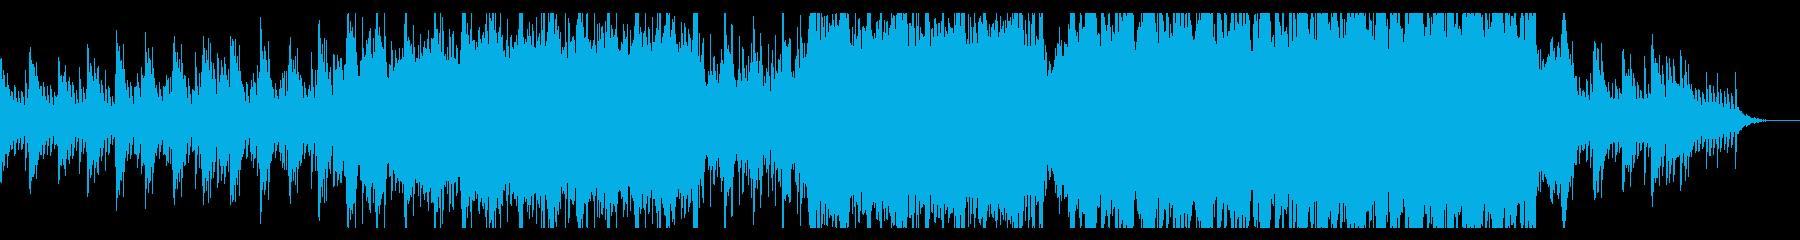 映画サントラ風・壮大なホラーハロウィンの再生済みの波形